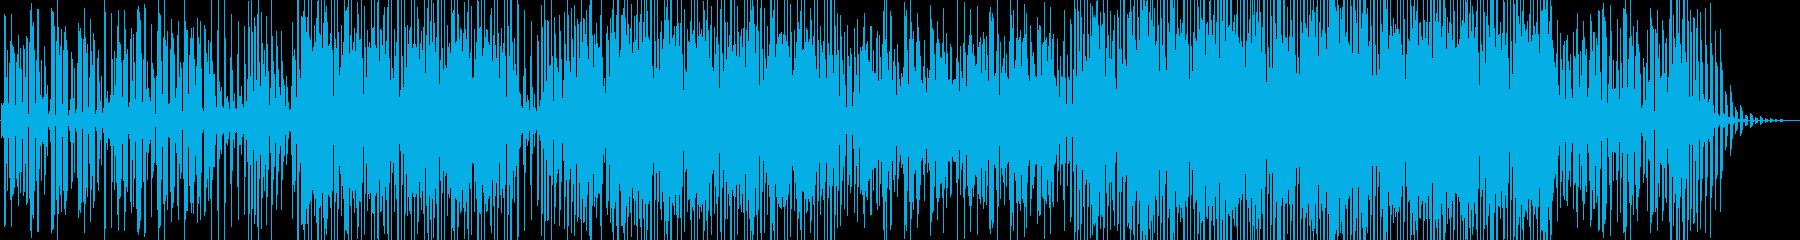 人気のある電子機器 壮大 バンド ...の再生済みの波形